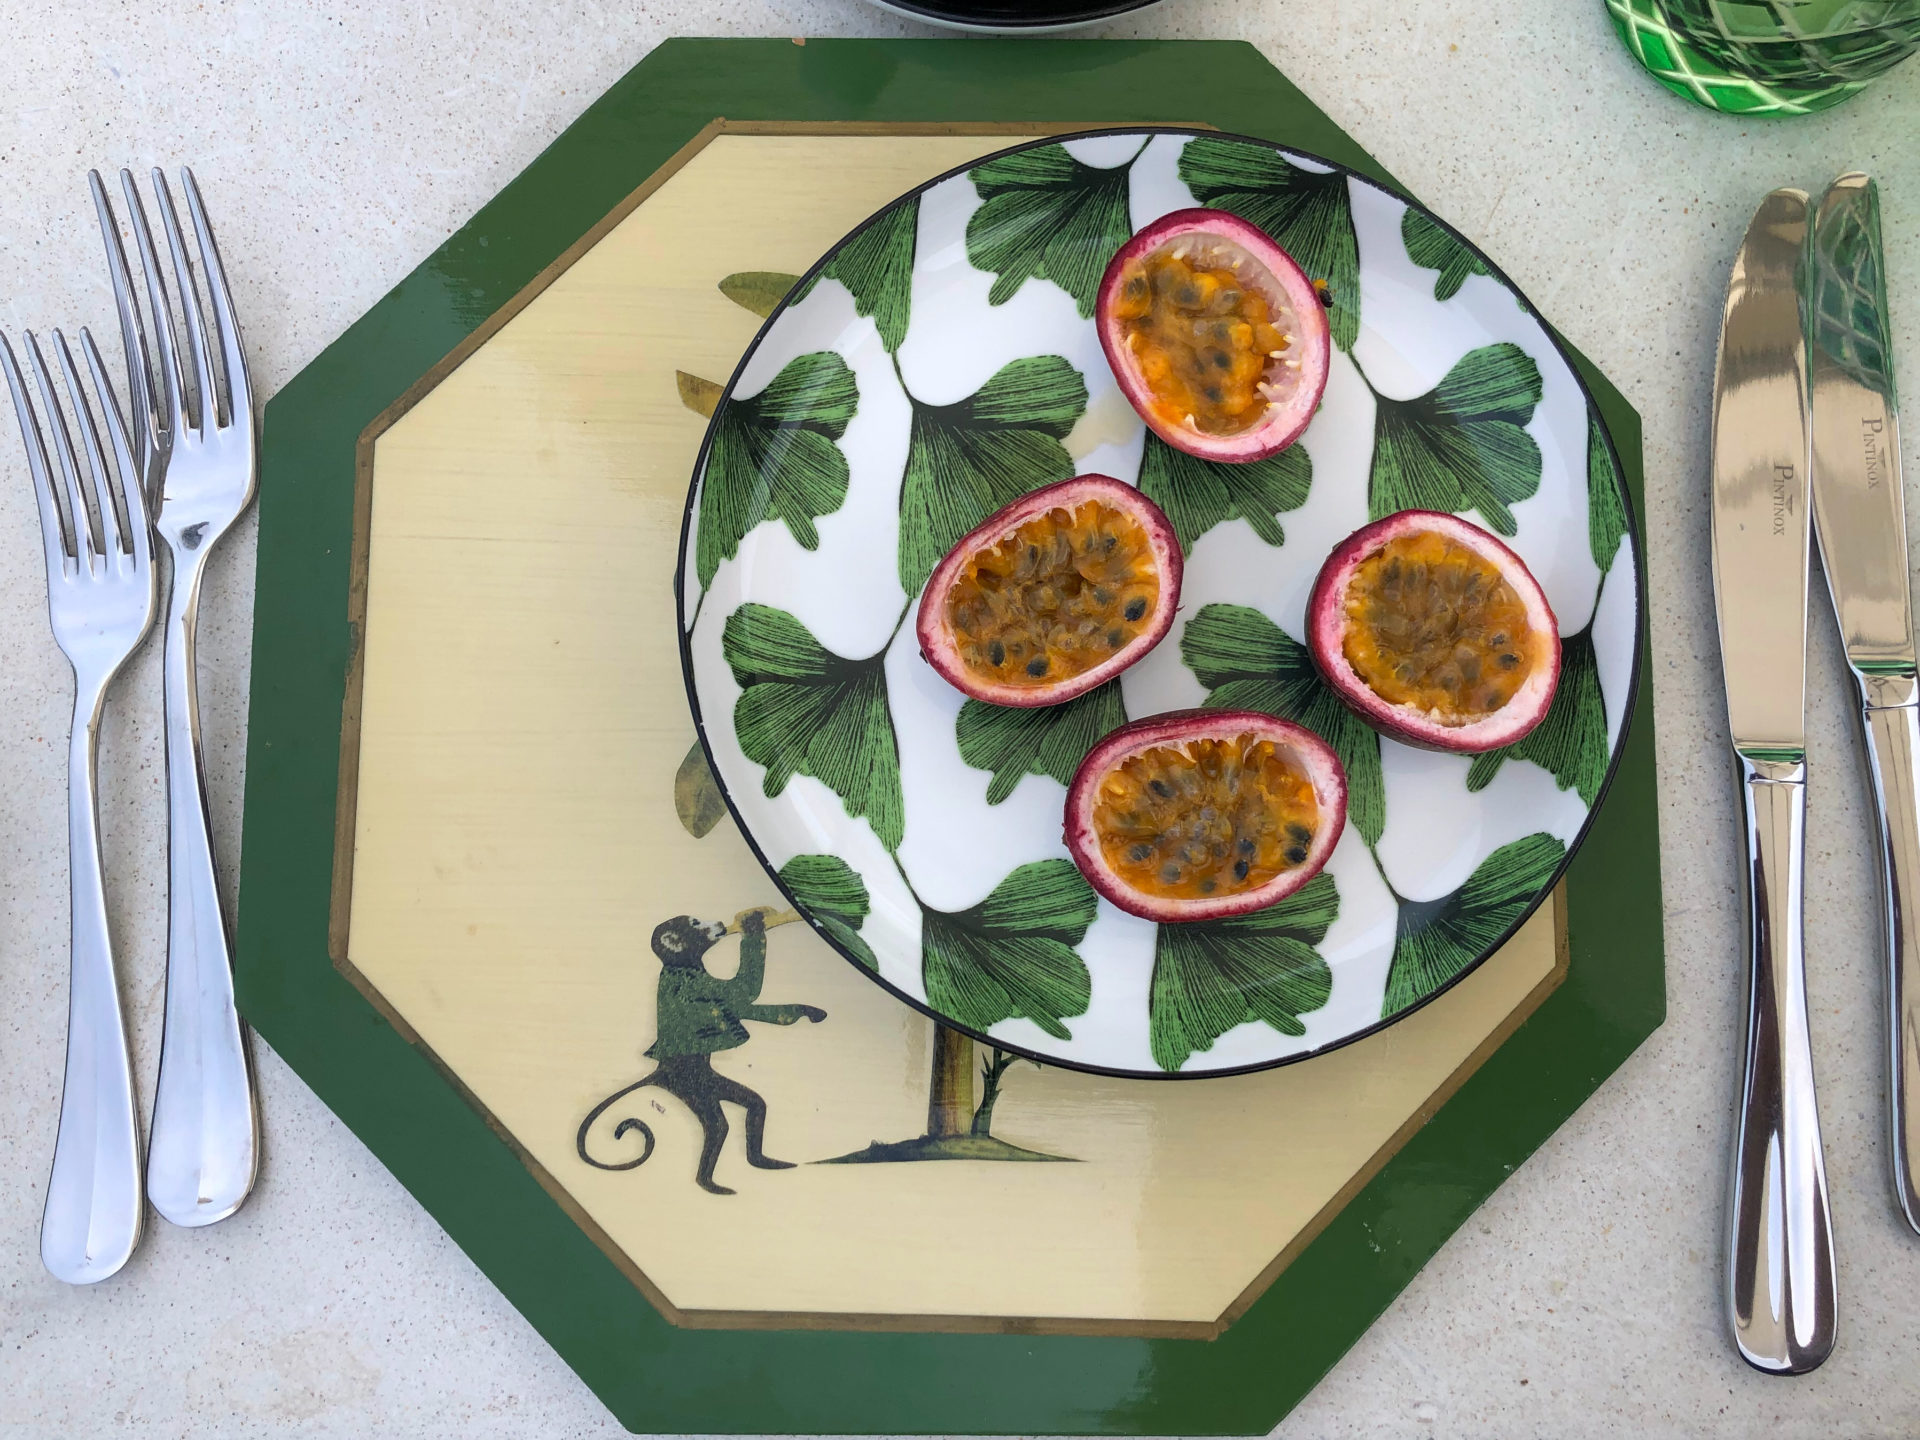 Aufgeschnittene Passionsfrüchte auf tropischem Porzellan